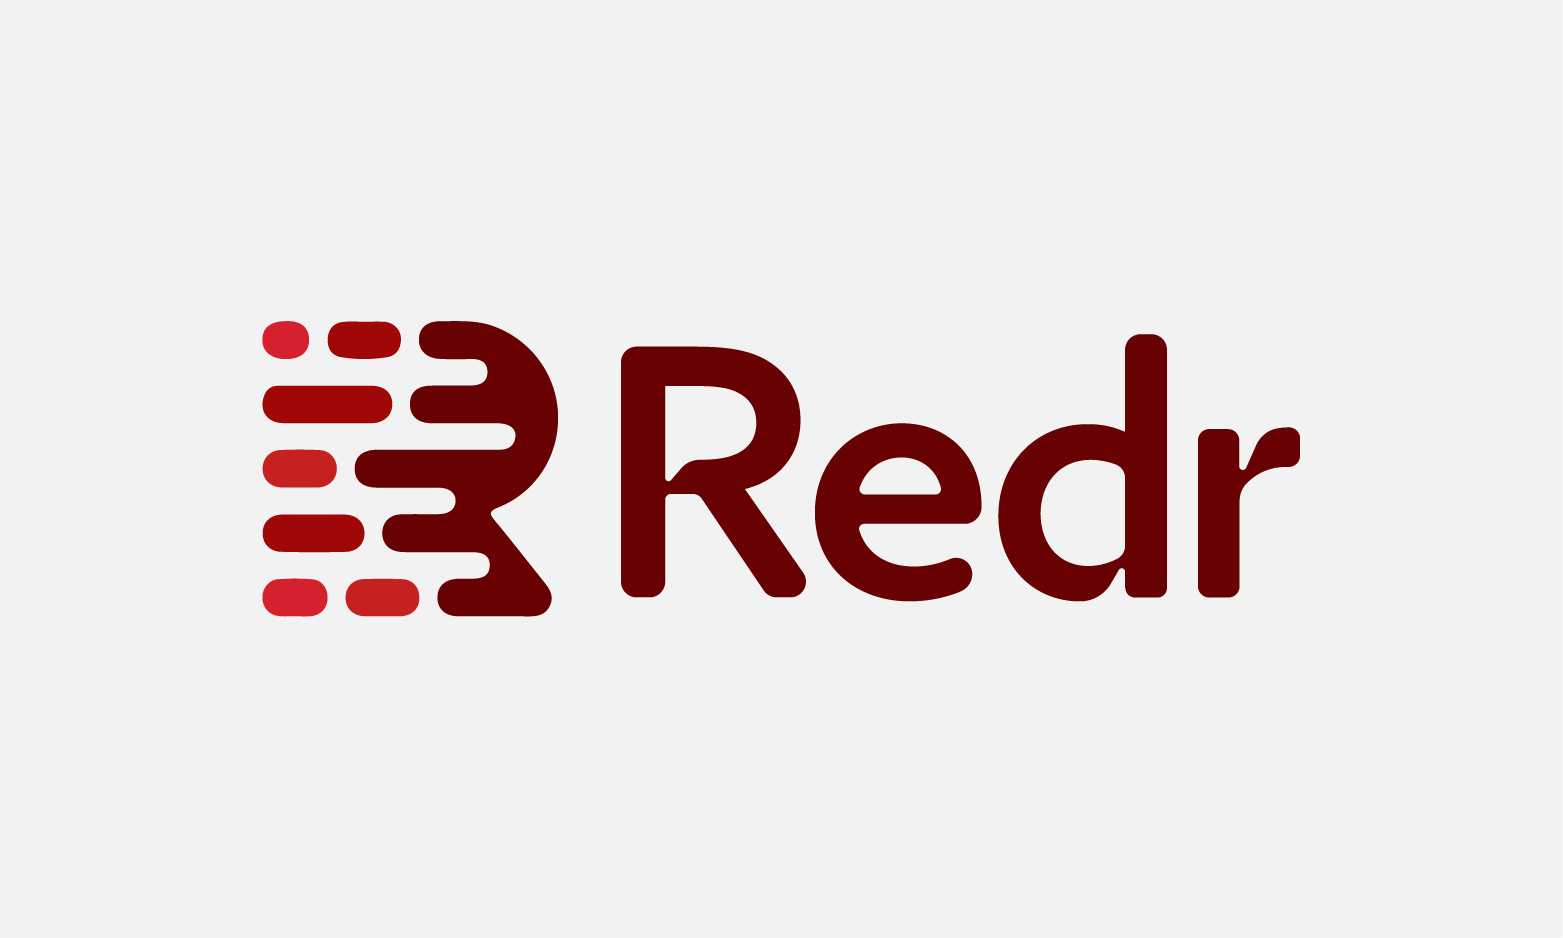 Redr.com